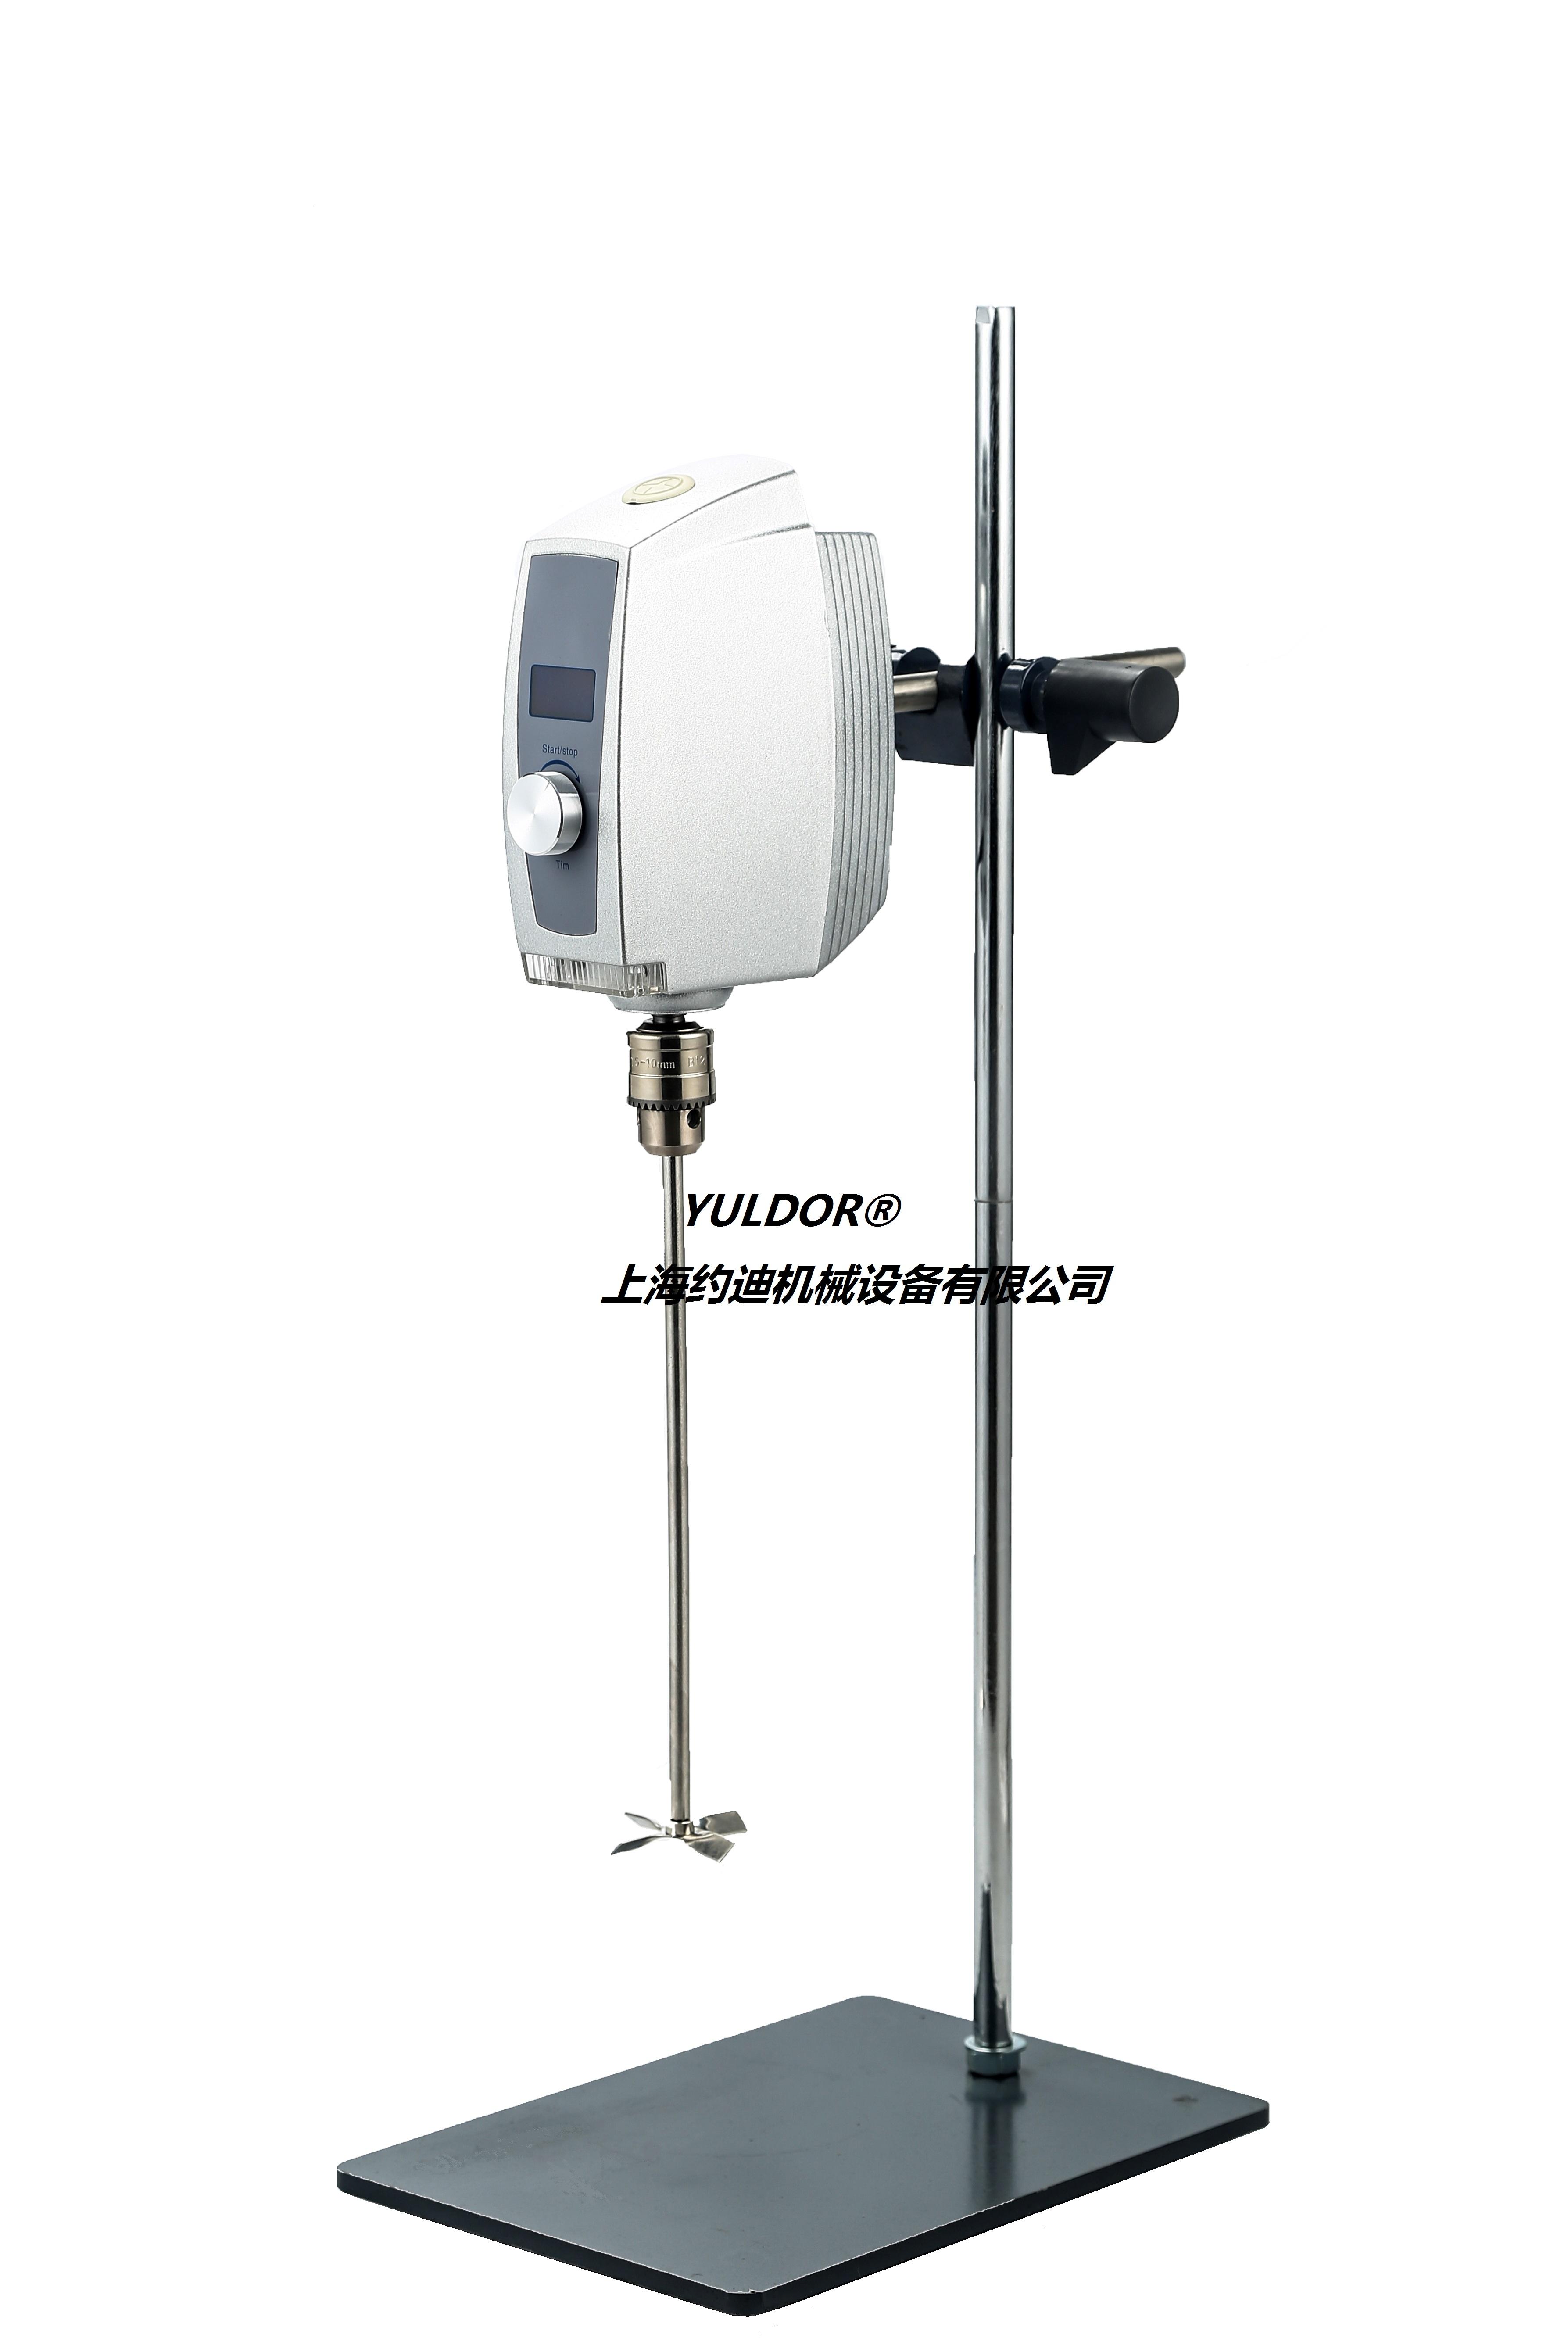 歐之星YK110帶扭矩顯示攪拌器,計時扭矩顯示實驗室攪拌器